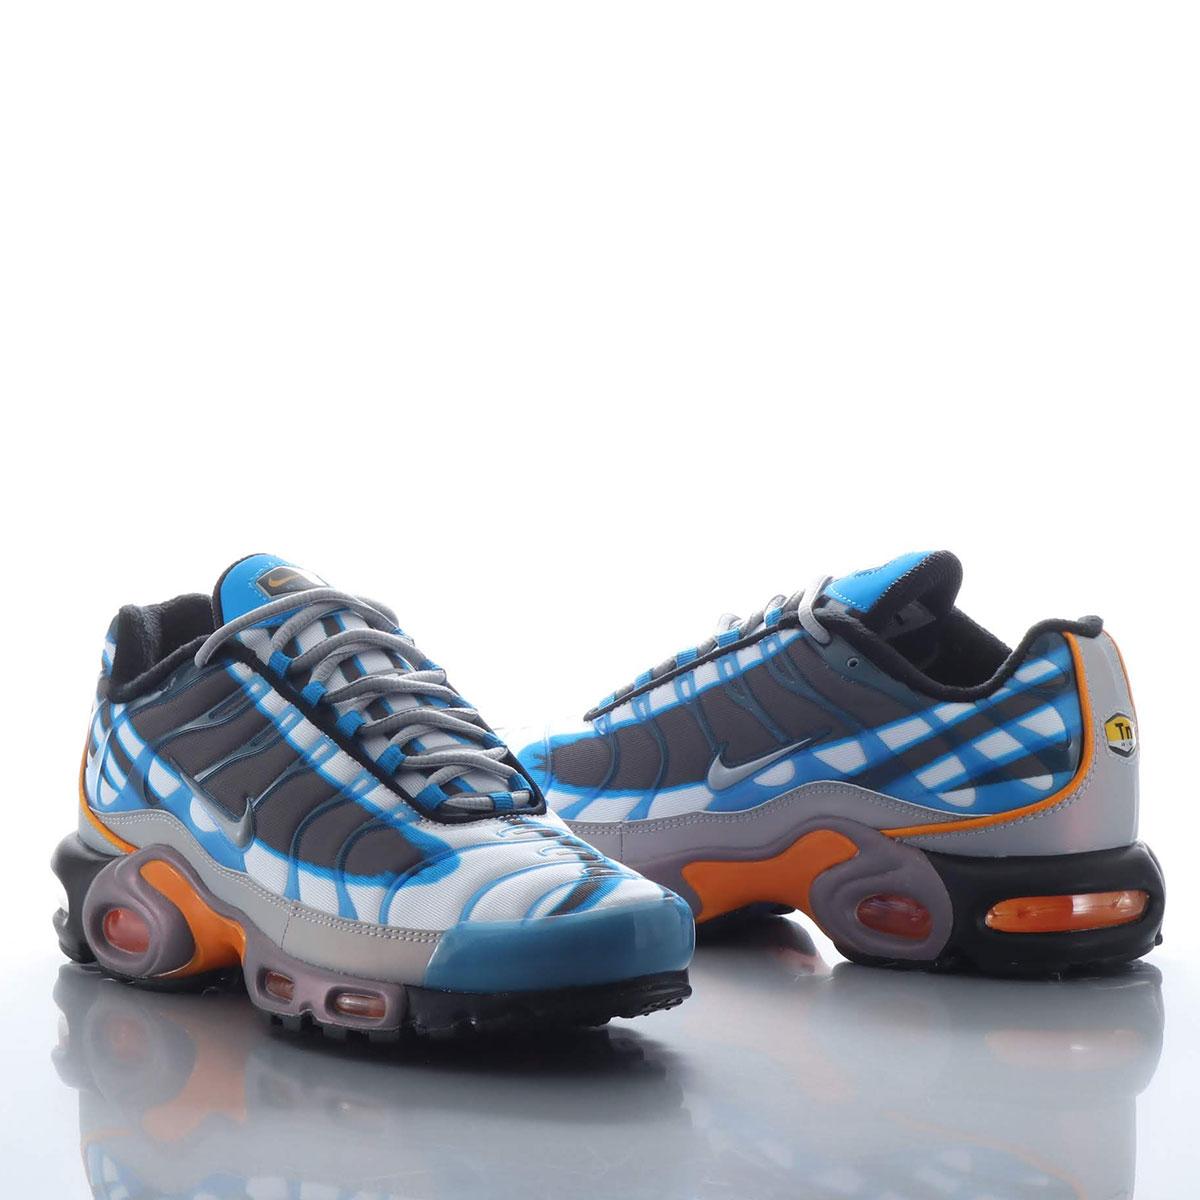 メンズ靴, スニーカー NIKE AIR MAX PLUS PRM ( )PHOTO BLUEWOLF GREY-ORANGE PEEL-BLACK 19SP-S